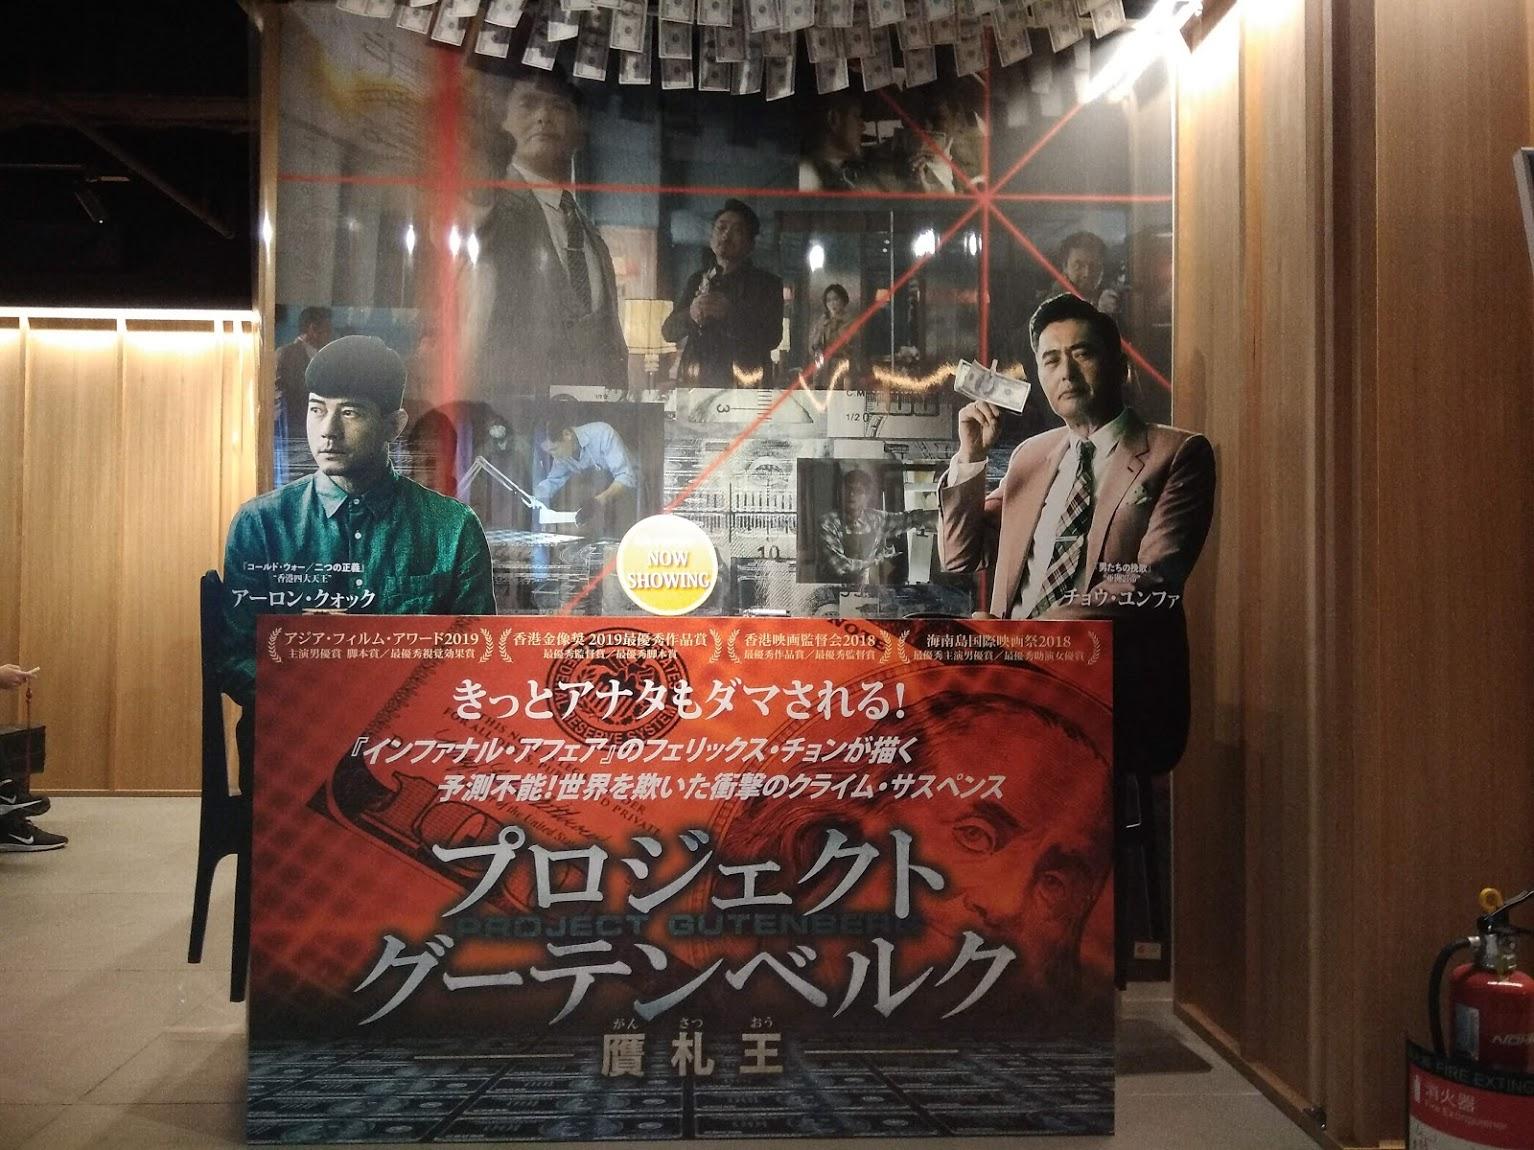 映画『プロジェクトグーテンベルグ 贋札王』のチラシポスター